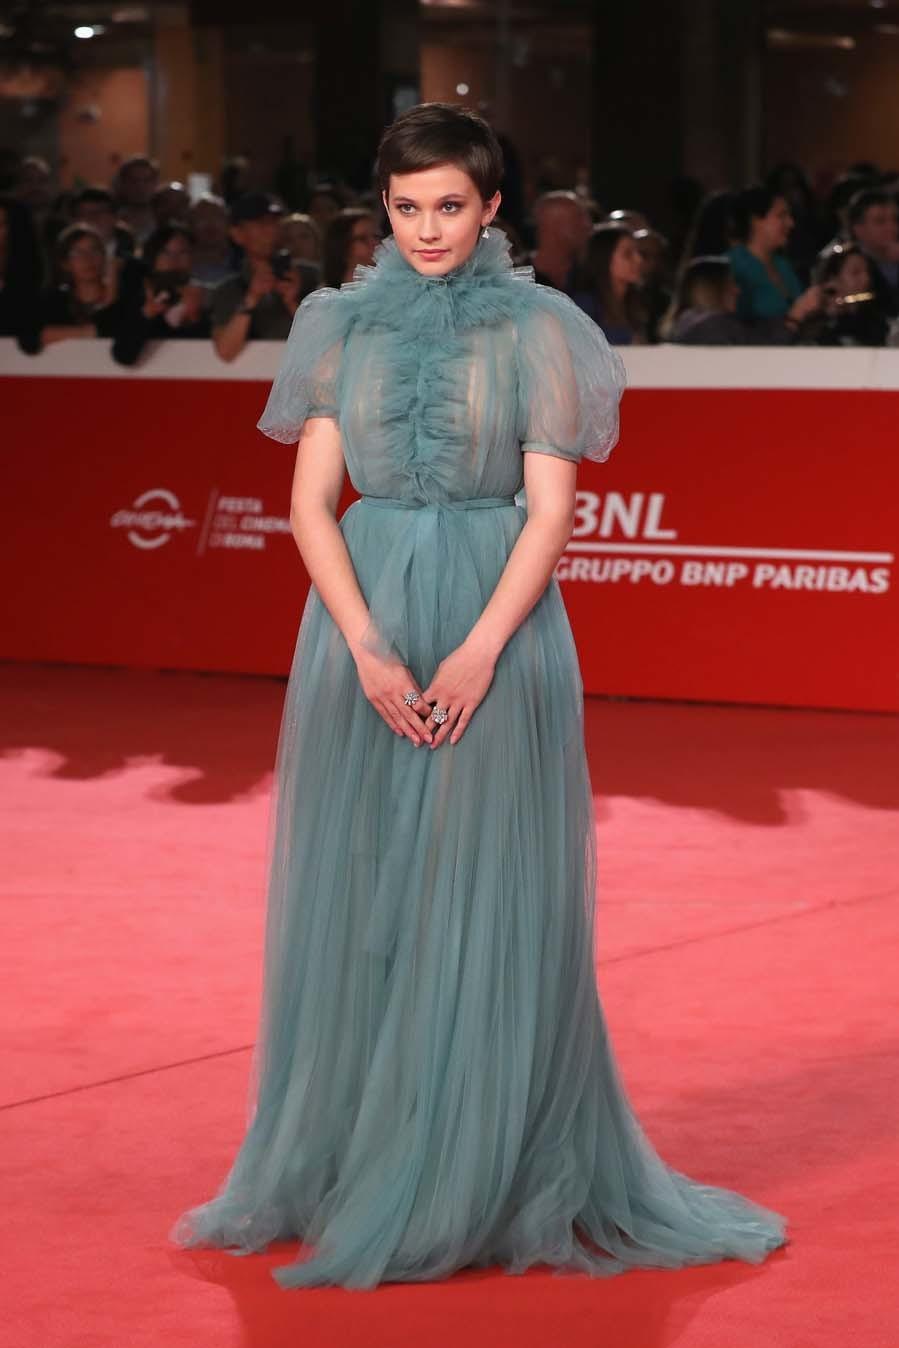 Cailee Spaeny - Las mejor vestidas de la semana